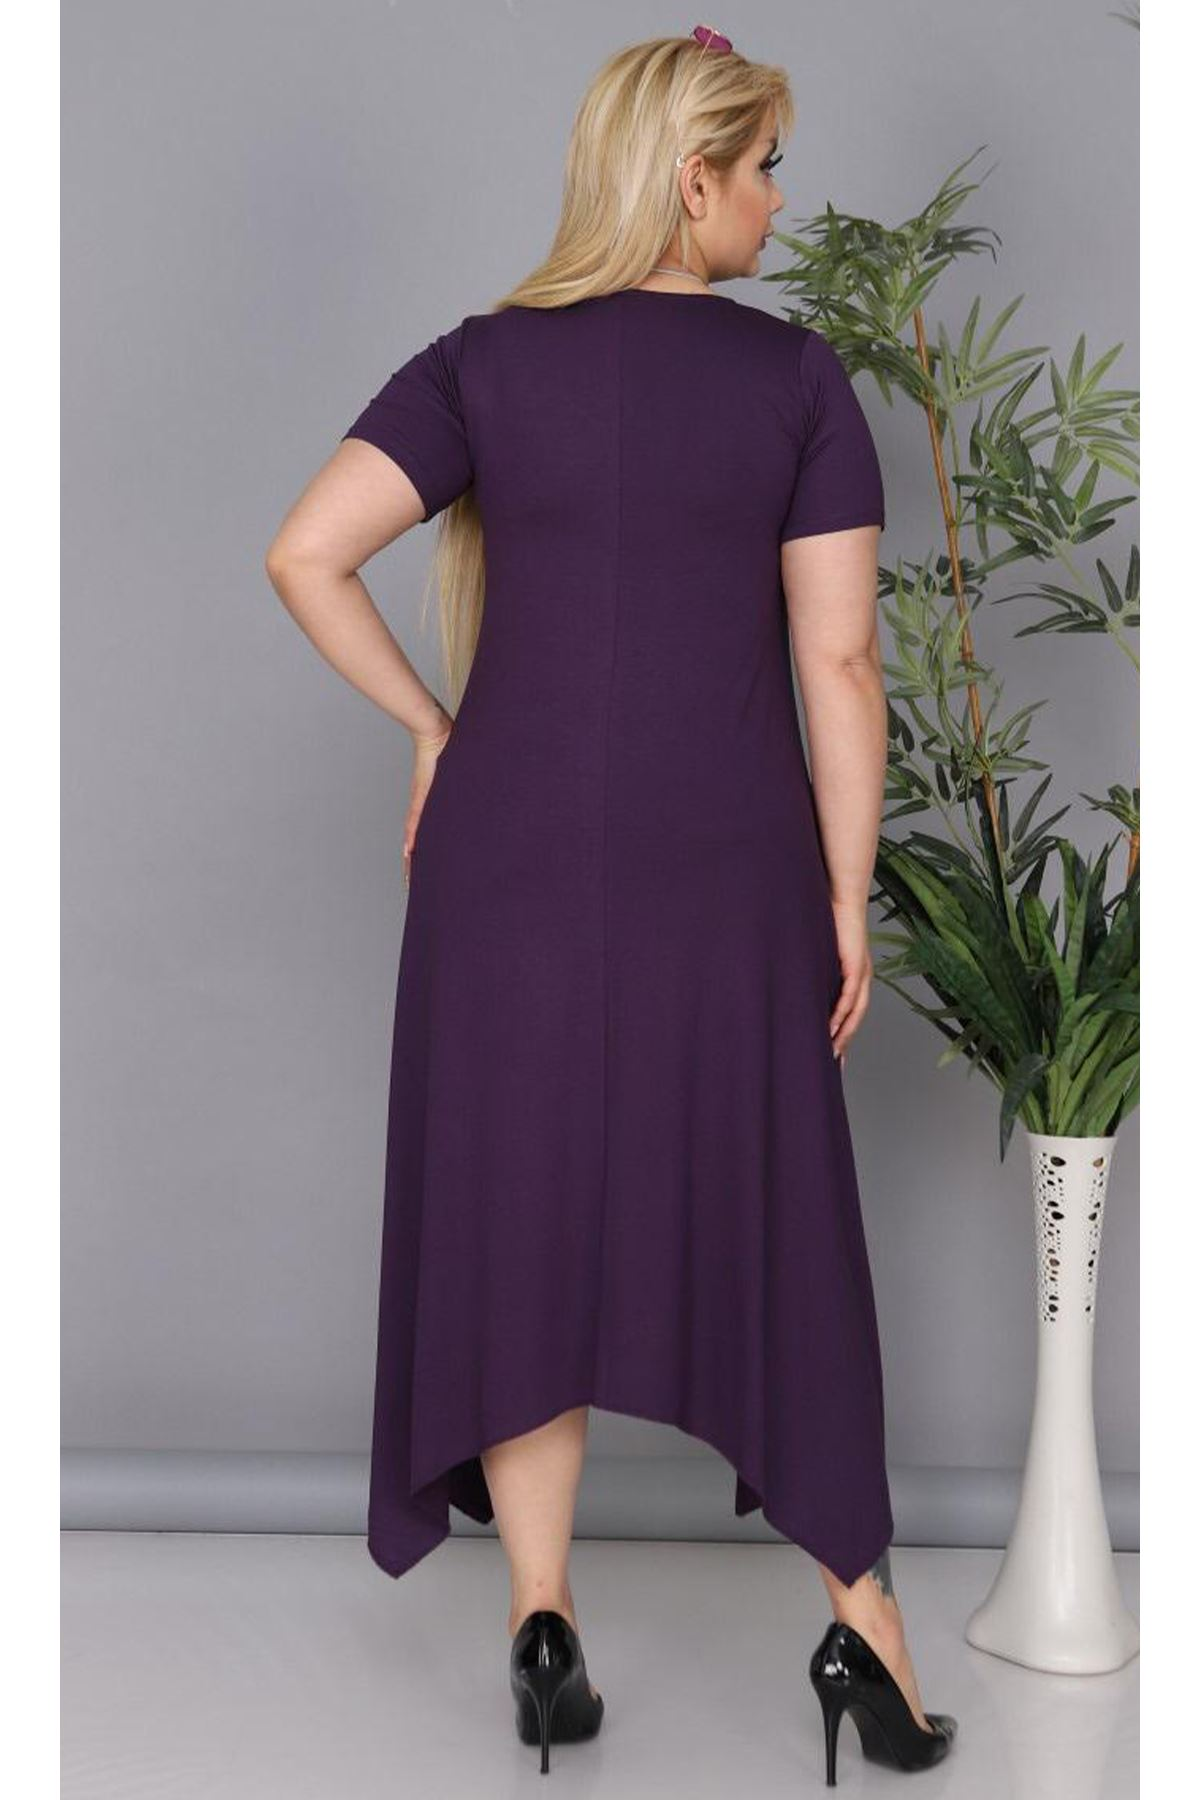 Kadın Mürdüm Büyük Beden Elbise Üçgen Etek